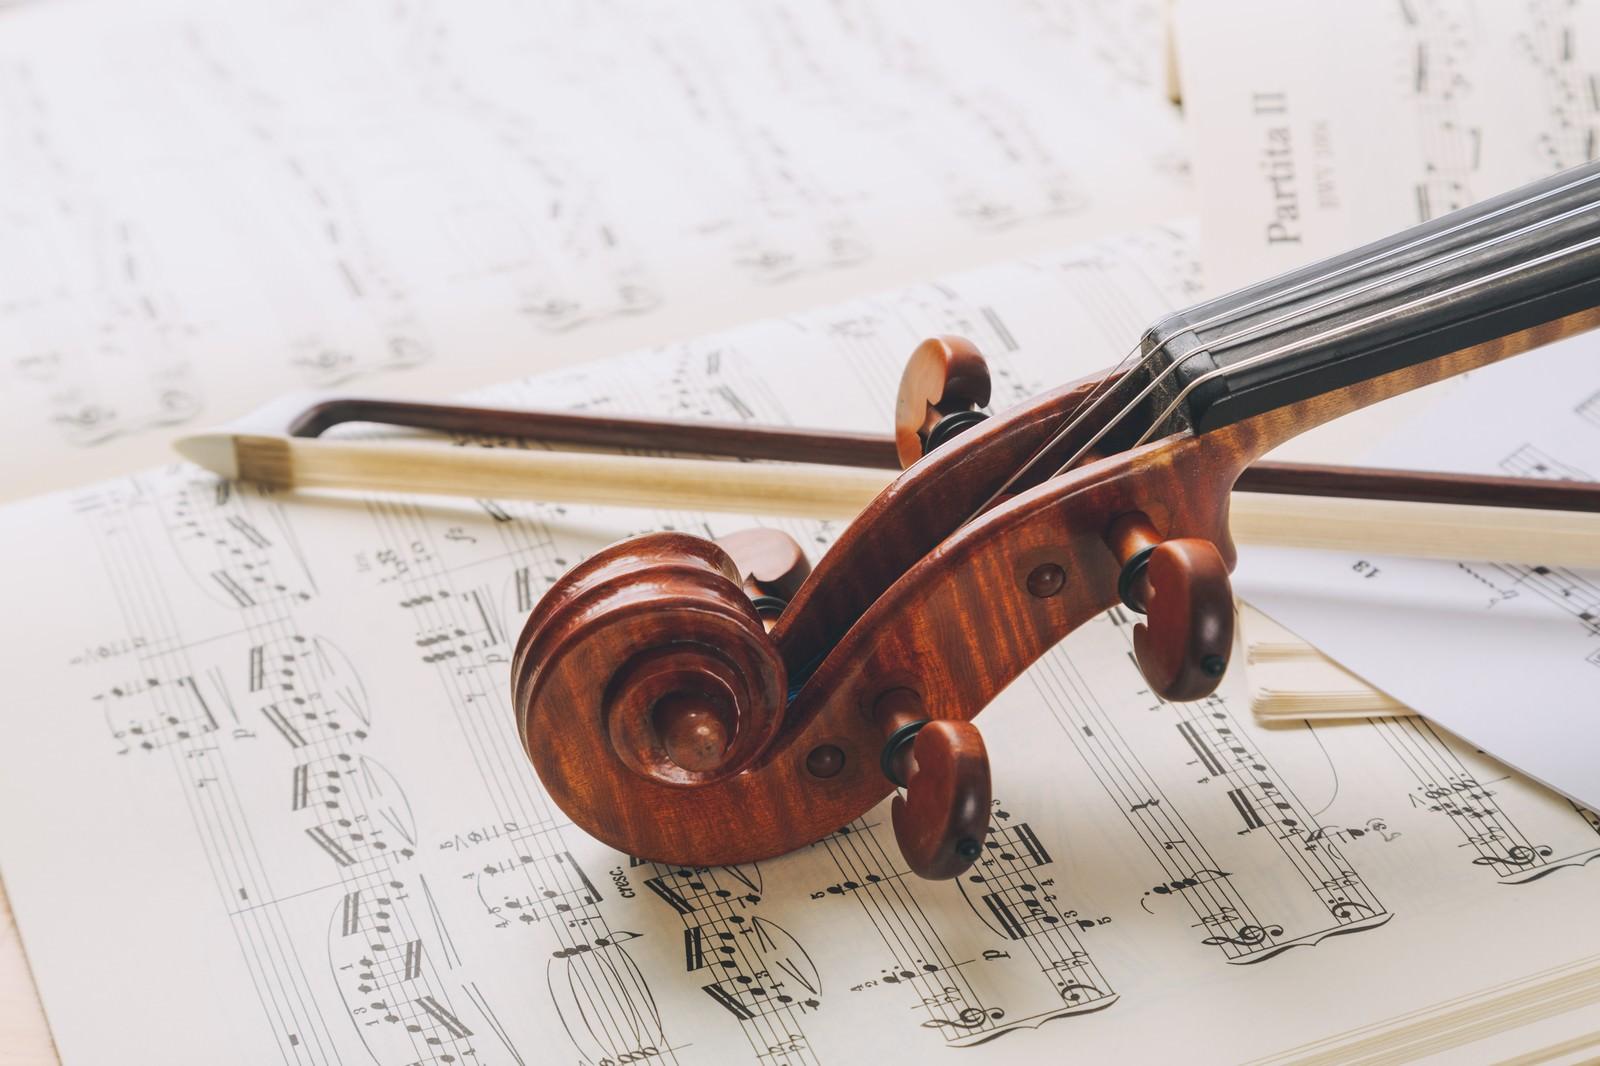 「楽譜の上のヴァイオリンのネックと弓 | 写真の無料素材・フリー素材 - ぱくたそ」の写真